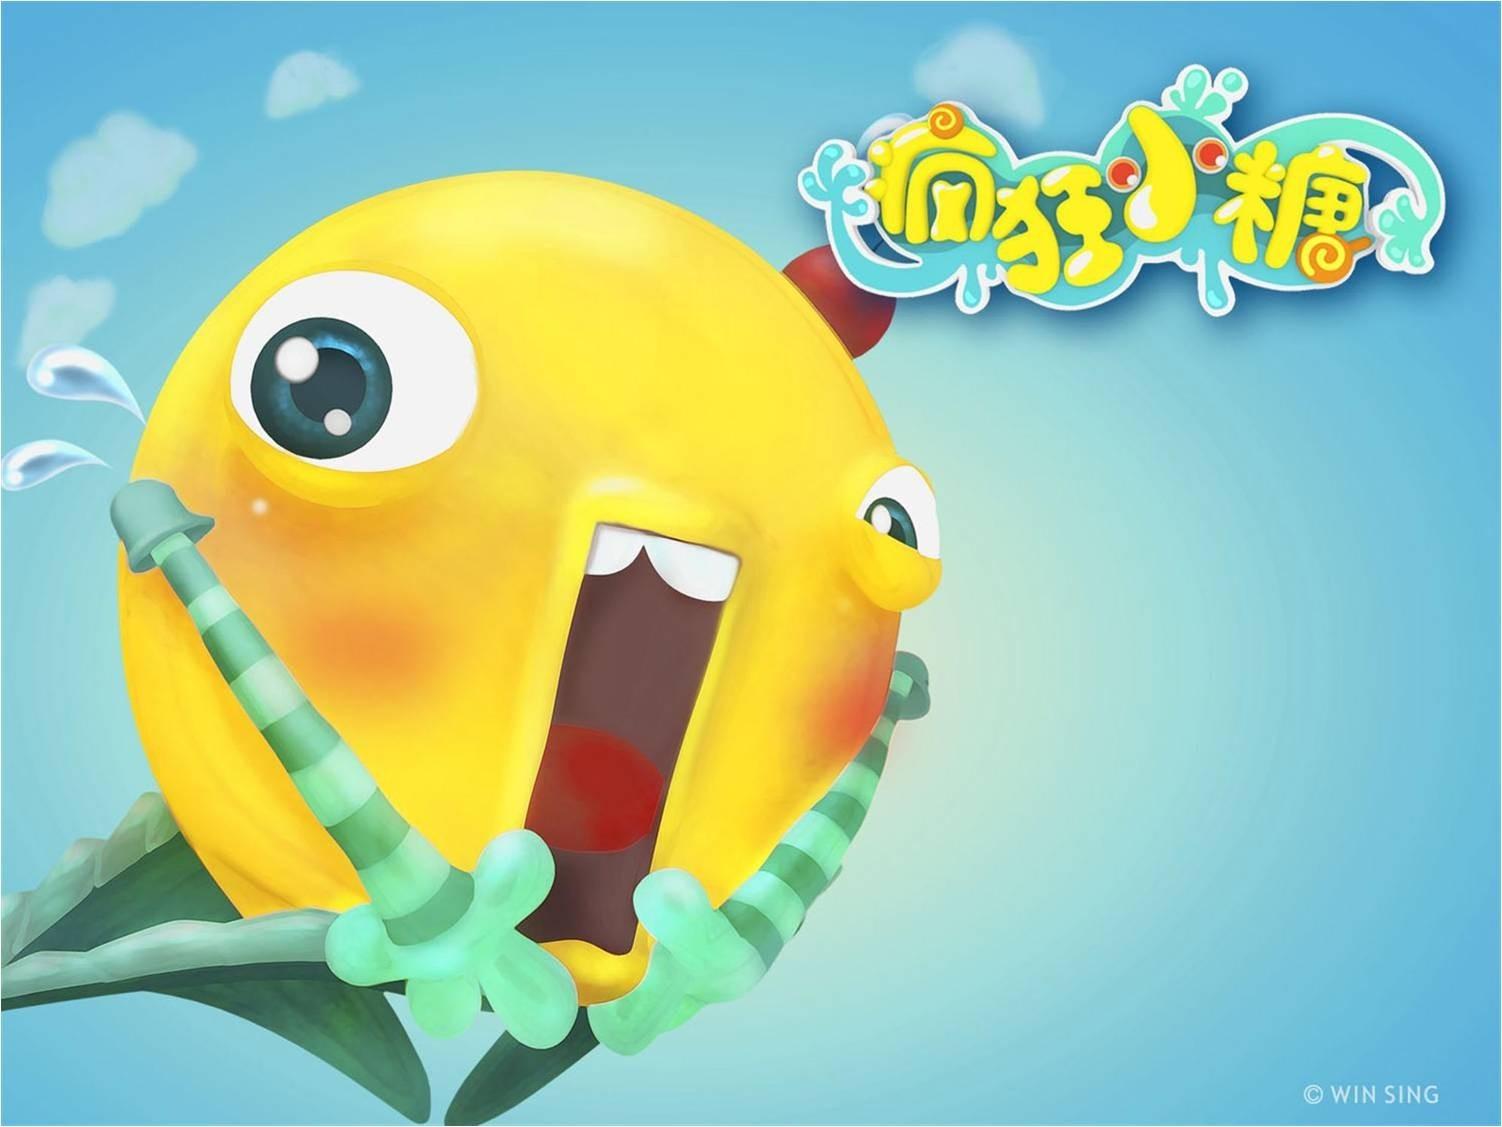 疯狂小糖PPT背景图片免费下载是由PPT宝藏(www.pptbz.com)会员zengmin上传推荐的卡通PPT背景图片, 更新时间为2016-10-05,素材编号104704。 《疯狂小糖》是中国首部由儿童主导创作的动画作品。由广东美术馆艺术培训中心的儿童们负责创意,广东咏声文化传播有限公司与深圳市航都文化产业投资有限公司的专业动画团队协同创作的3D动画片。被网友指出,该动画语言动作场面与美国动漫《海绵宝宝》神同步,并有多处设定抄袭其美漫而被人们所诟病。 在神奇的梦想糖果罐里,没有什么是不可能的,什么梦